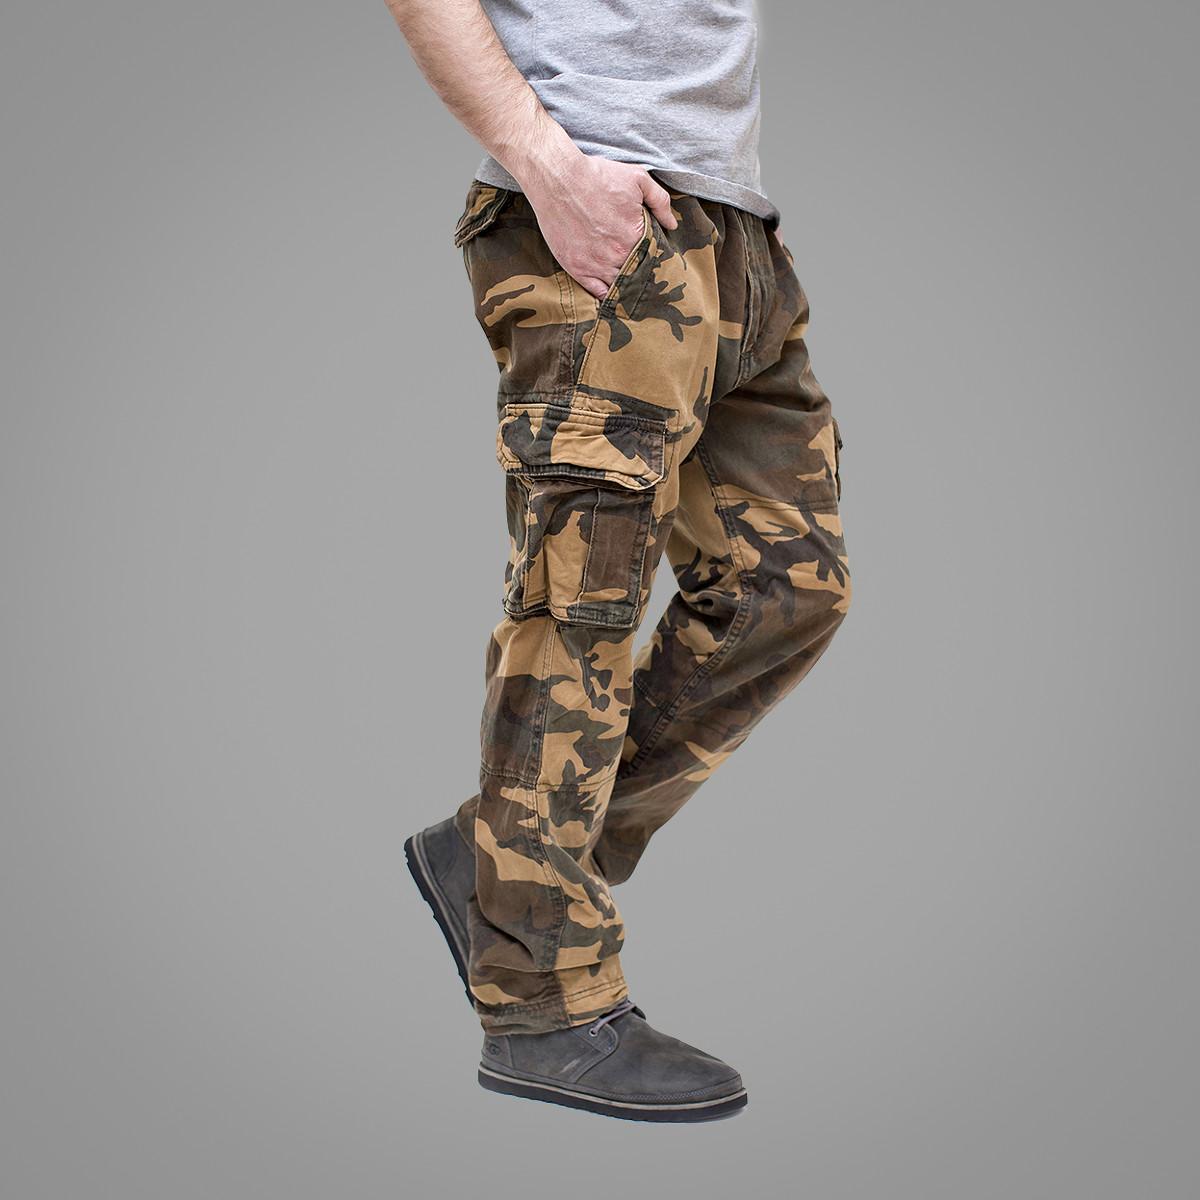 369e8433 Мужские брюки карго Abercrombie Fitch цвет милитари артикул 50040 купить в  интернет магазине Mimoda за 4500 руб - с бесплатной доставкой по Москве и  России